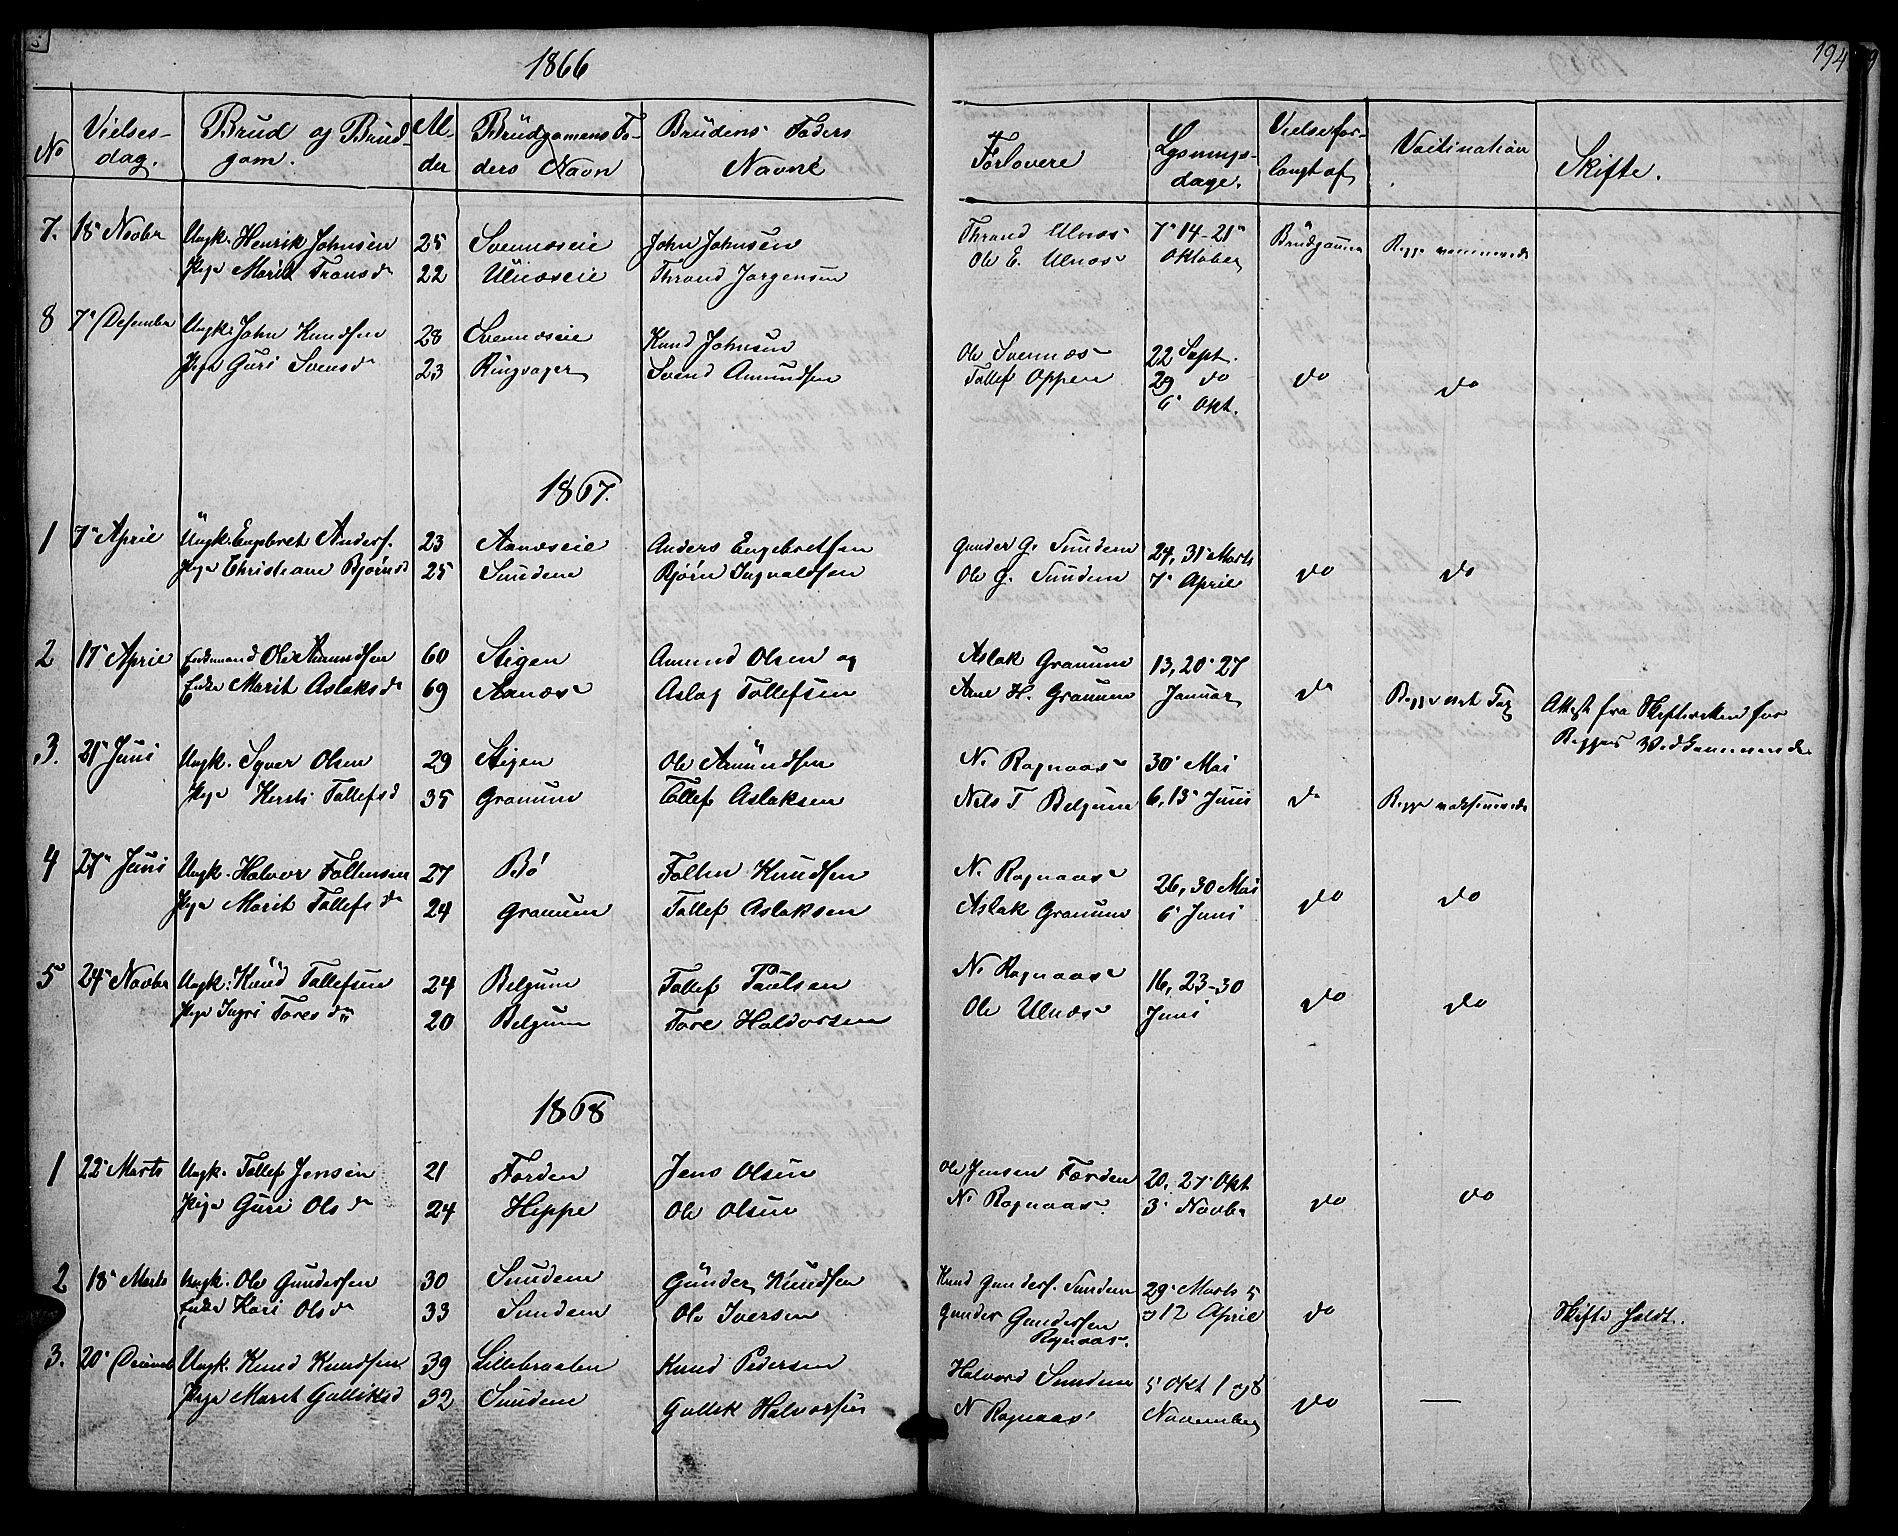 SAH, Nord-Aurdal prestekontor, Klokkerbok nr. 4, 1842-1882, s. 194